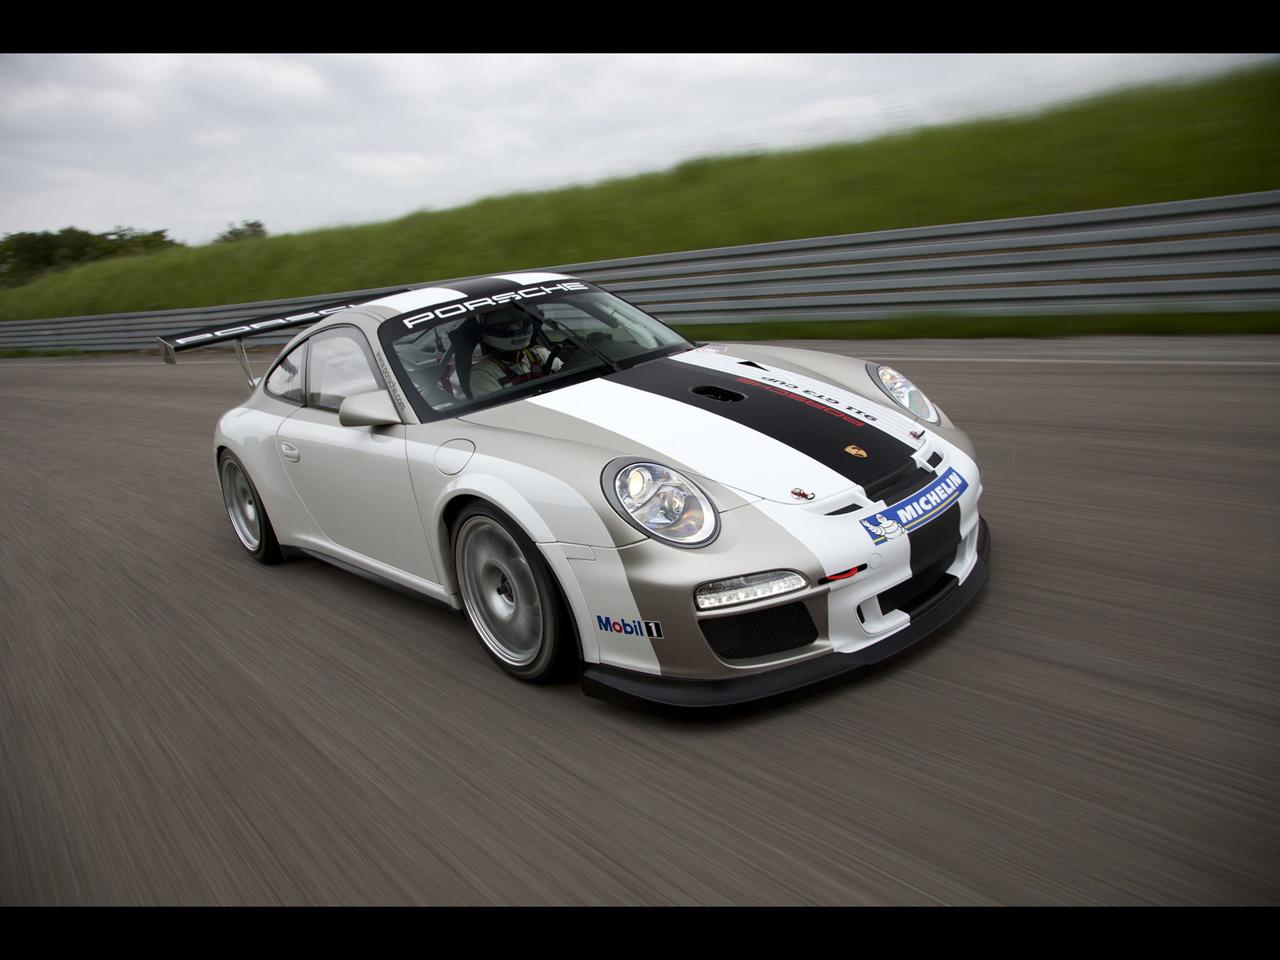 2012 Porsche 911 GT3 Cup Front Angle Speed Porsche 911 GT3 Cup